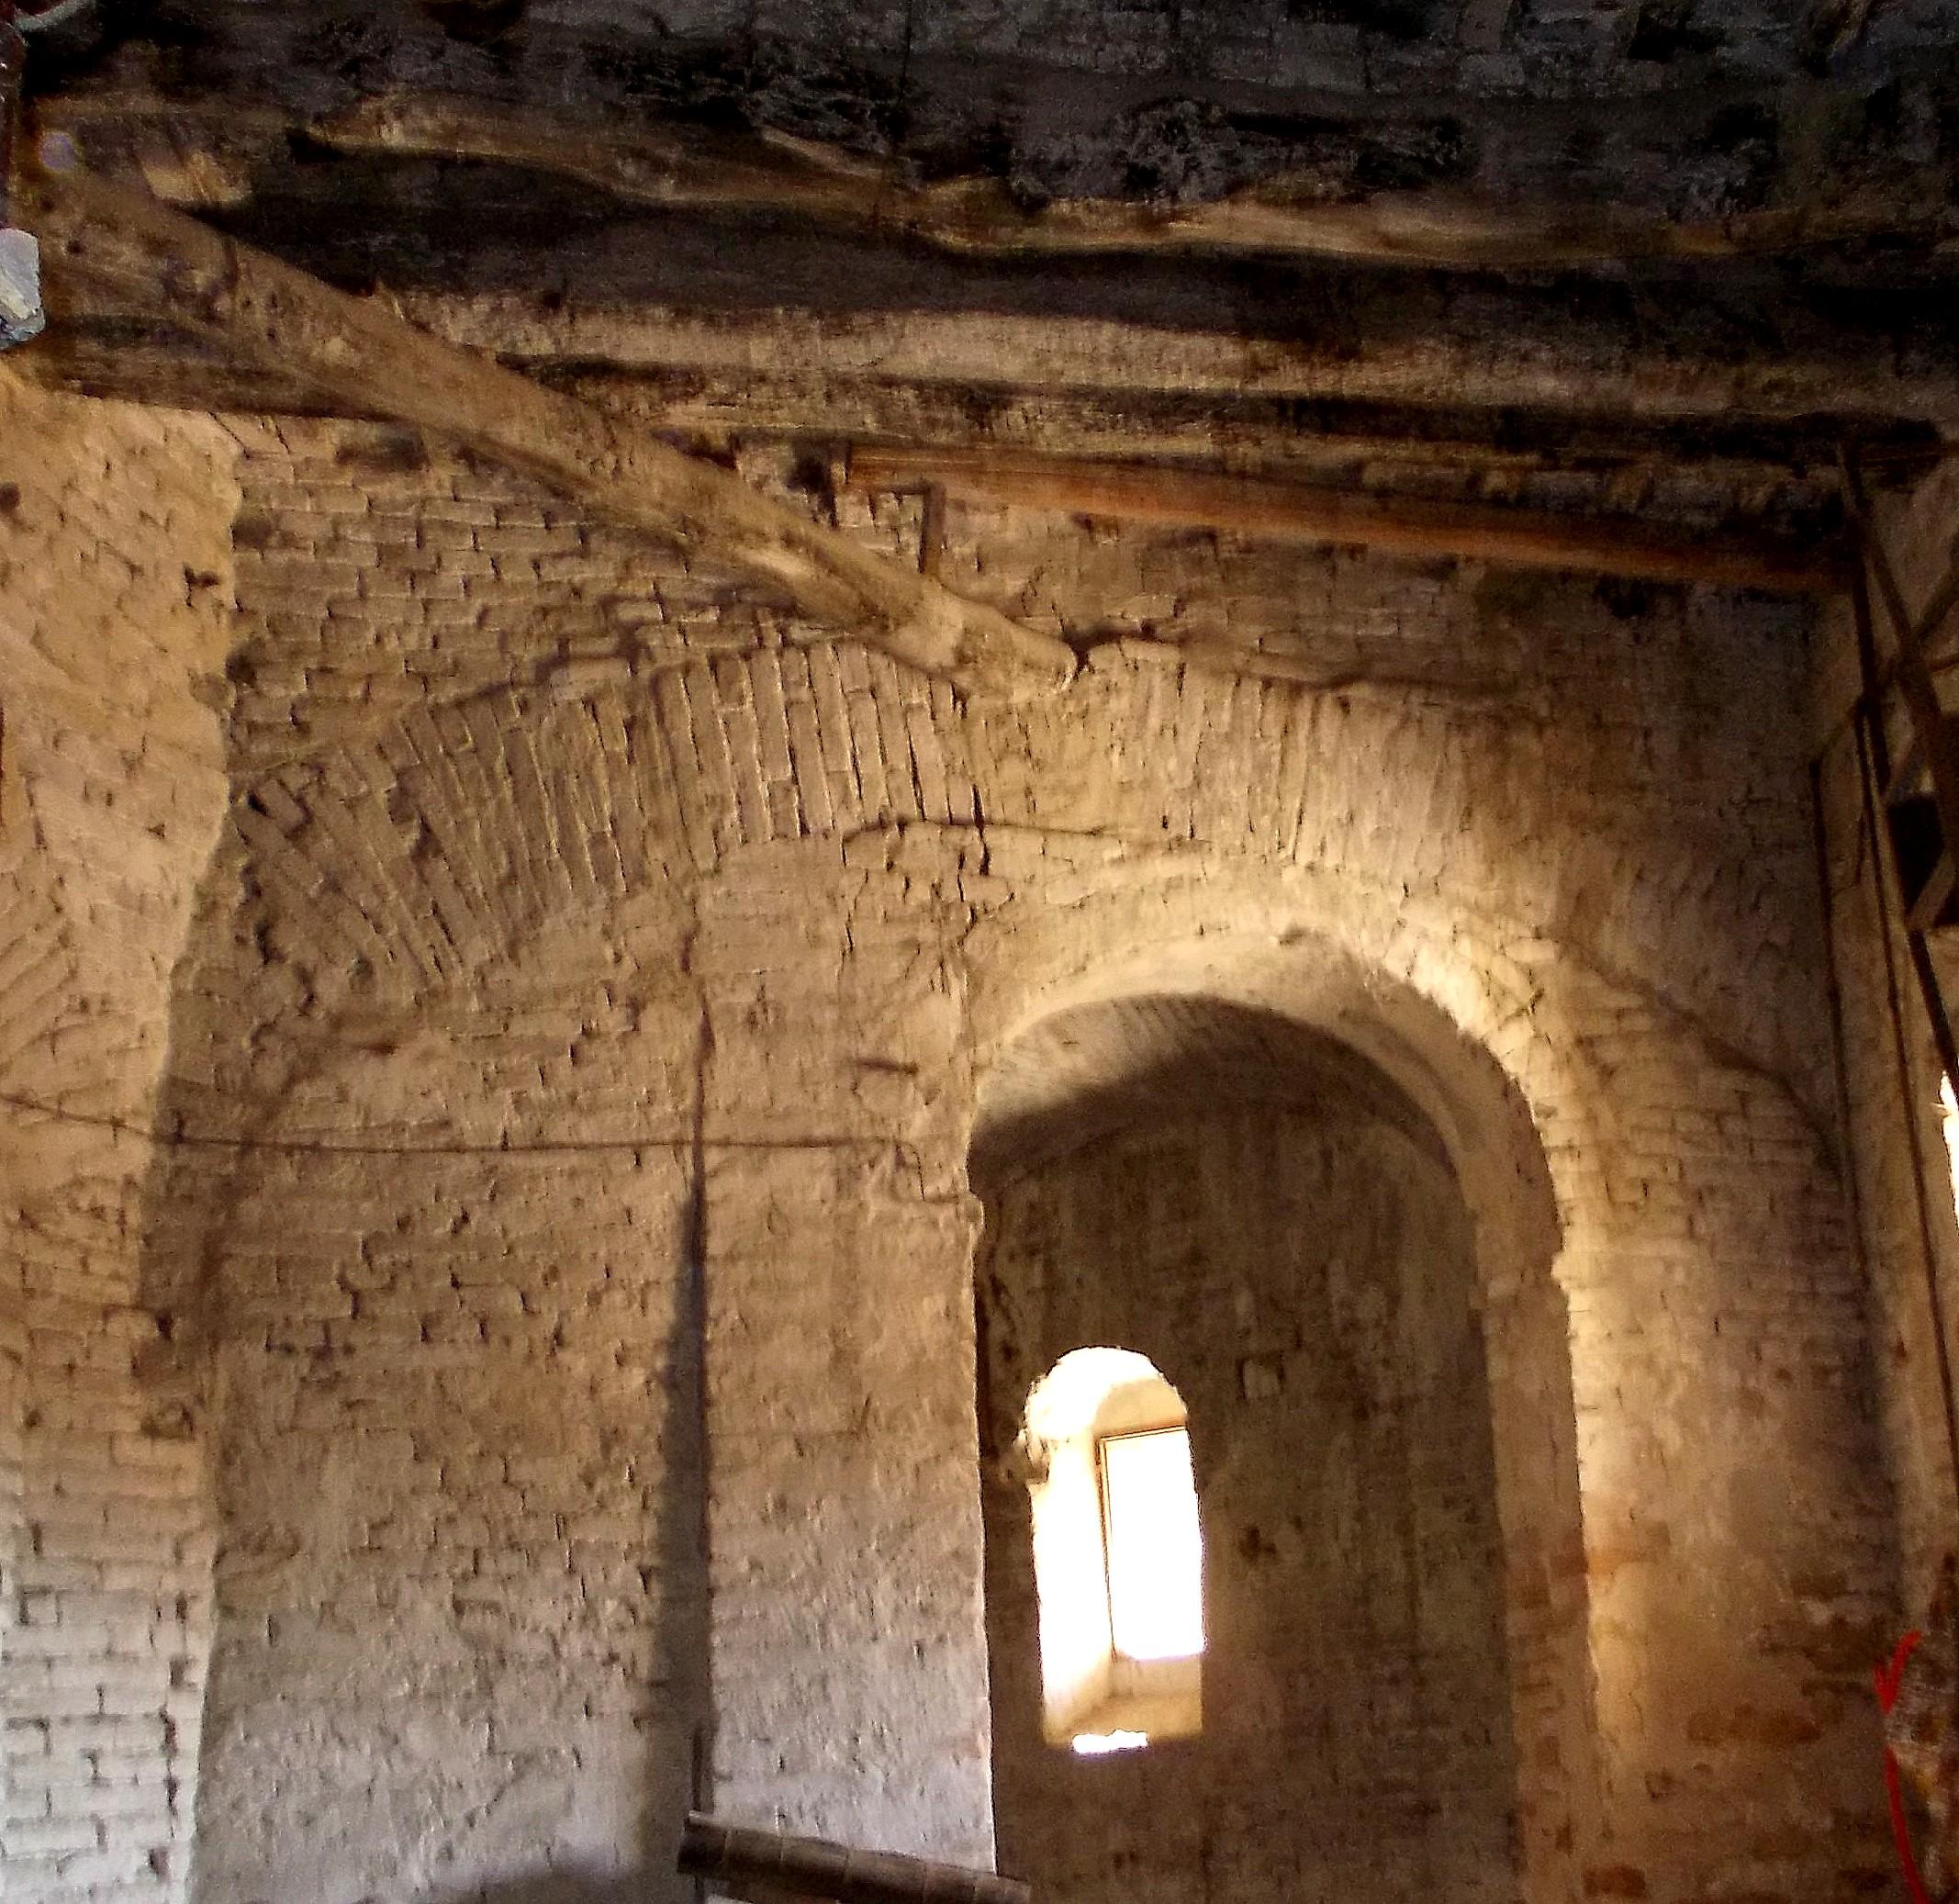 Ipotesi Storica Sulle Mura Montegranaresi L 39 Ape Ronza